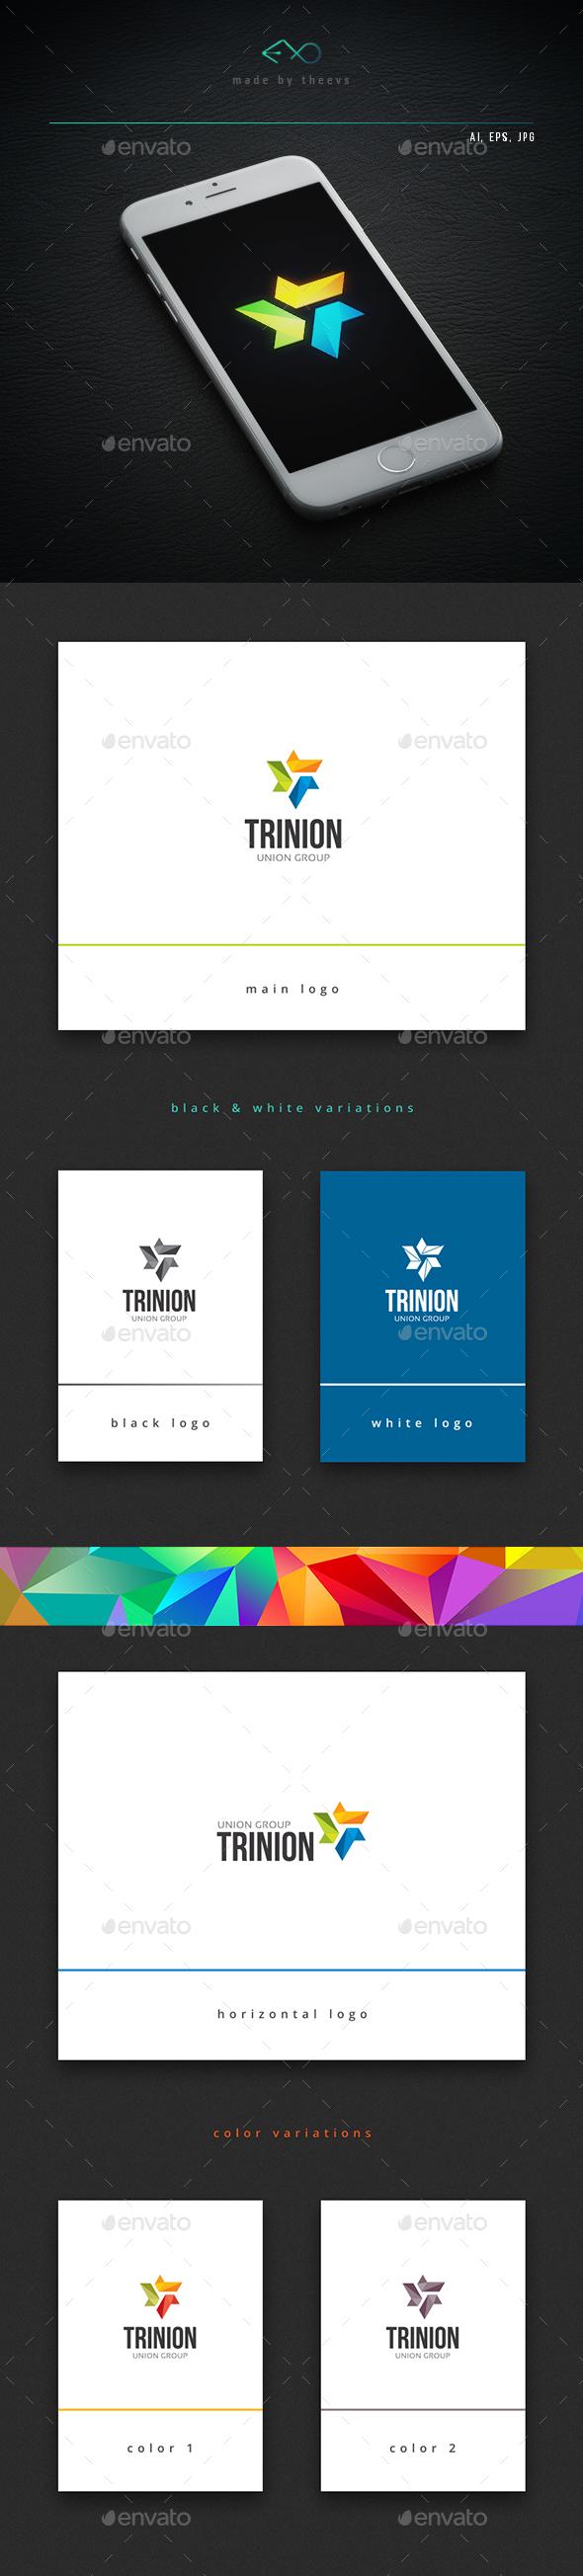 Trinion - Vector Abstract